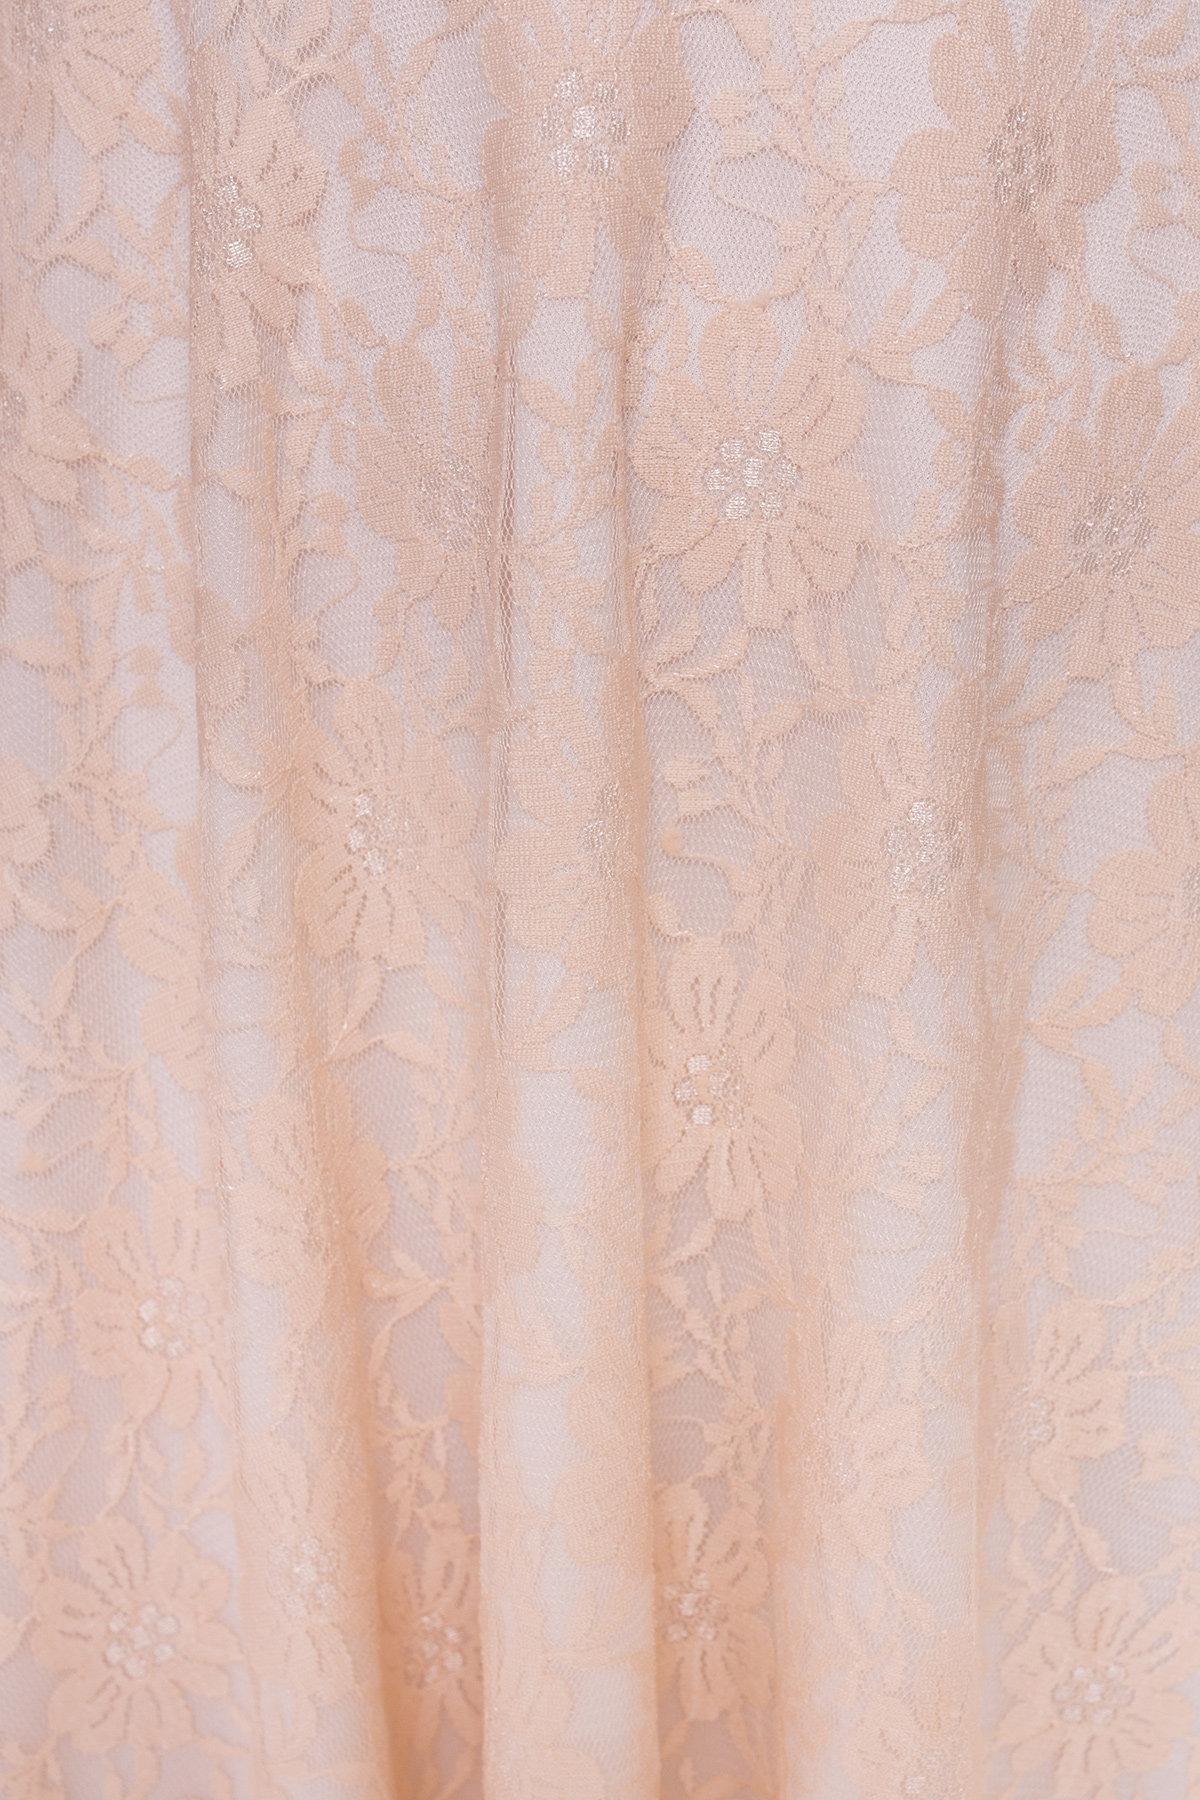 TW Платье Ермия 4989 Цвет: Бежевый Светлый